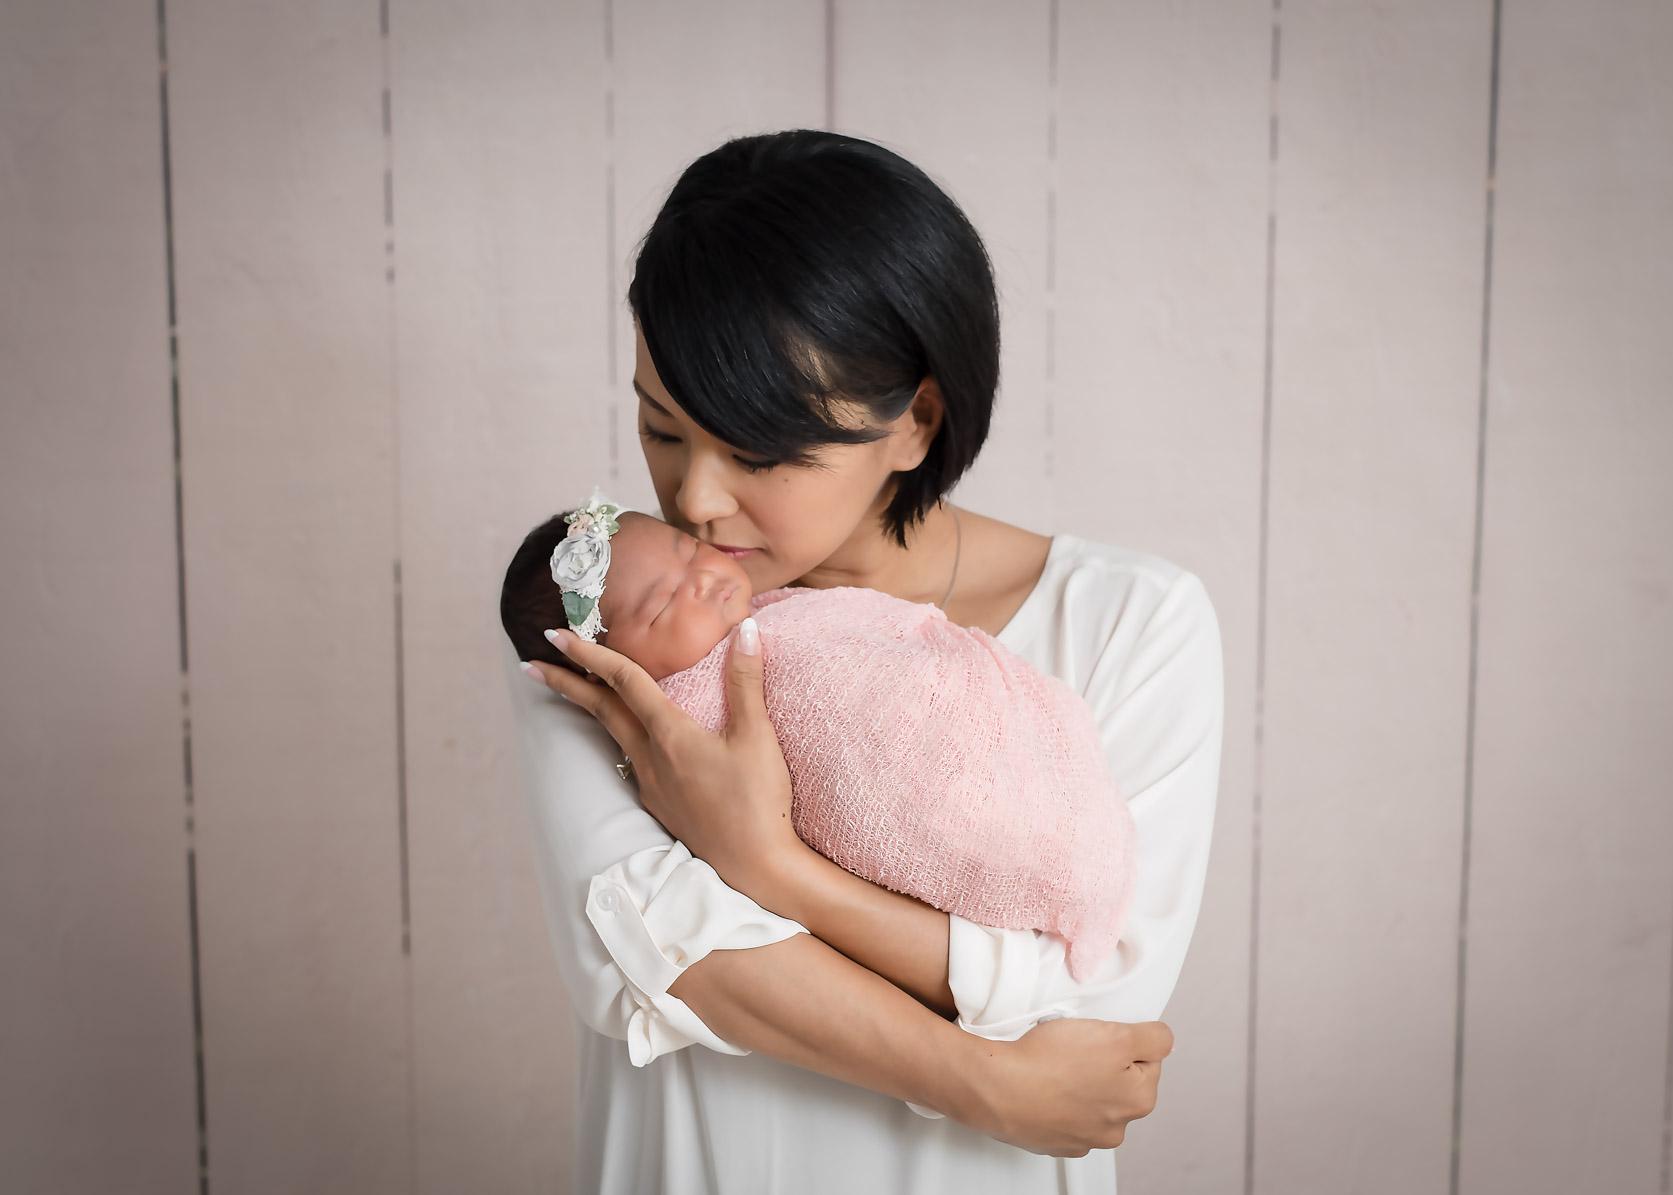 Baby MiaDSC_7330-Edit.jpg